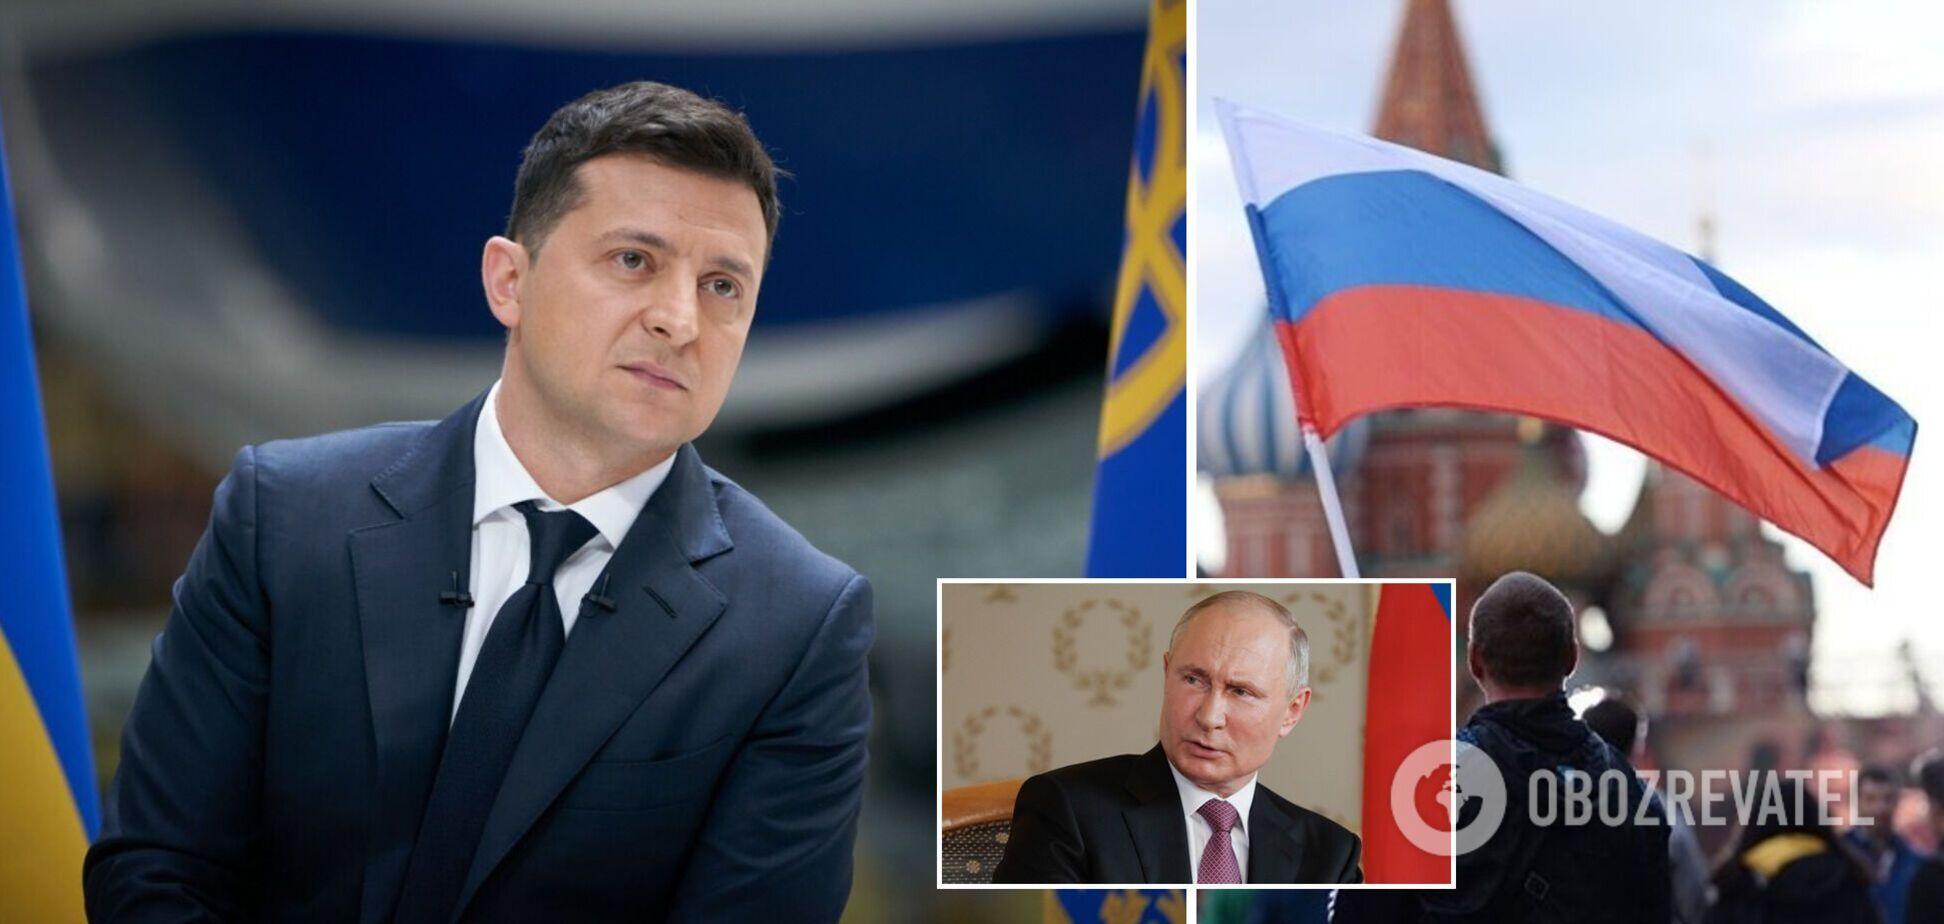 Россияне не хотят воевать с украинцами, общество требует решений: главное из интервью Зеленского